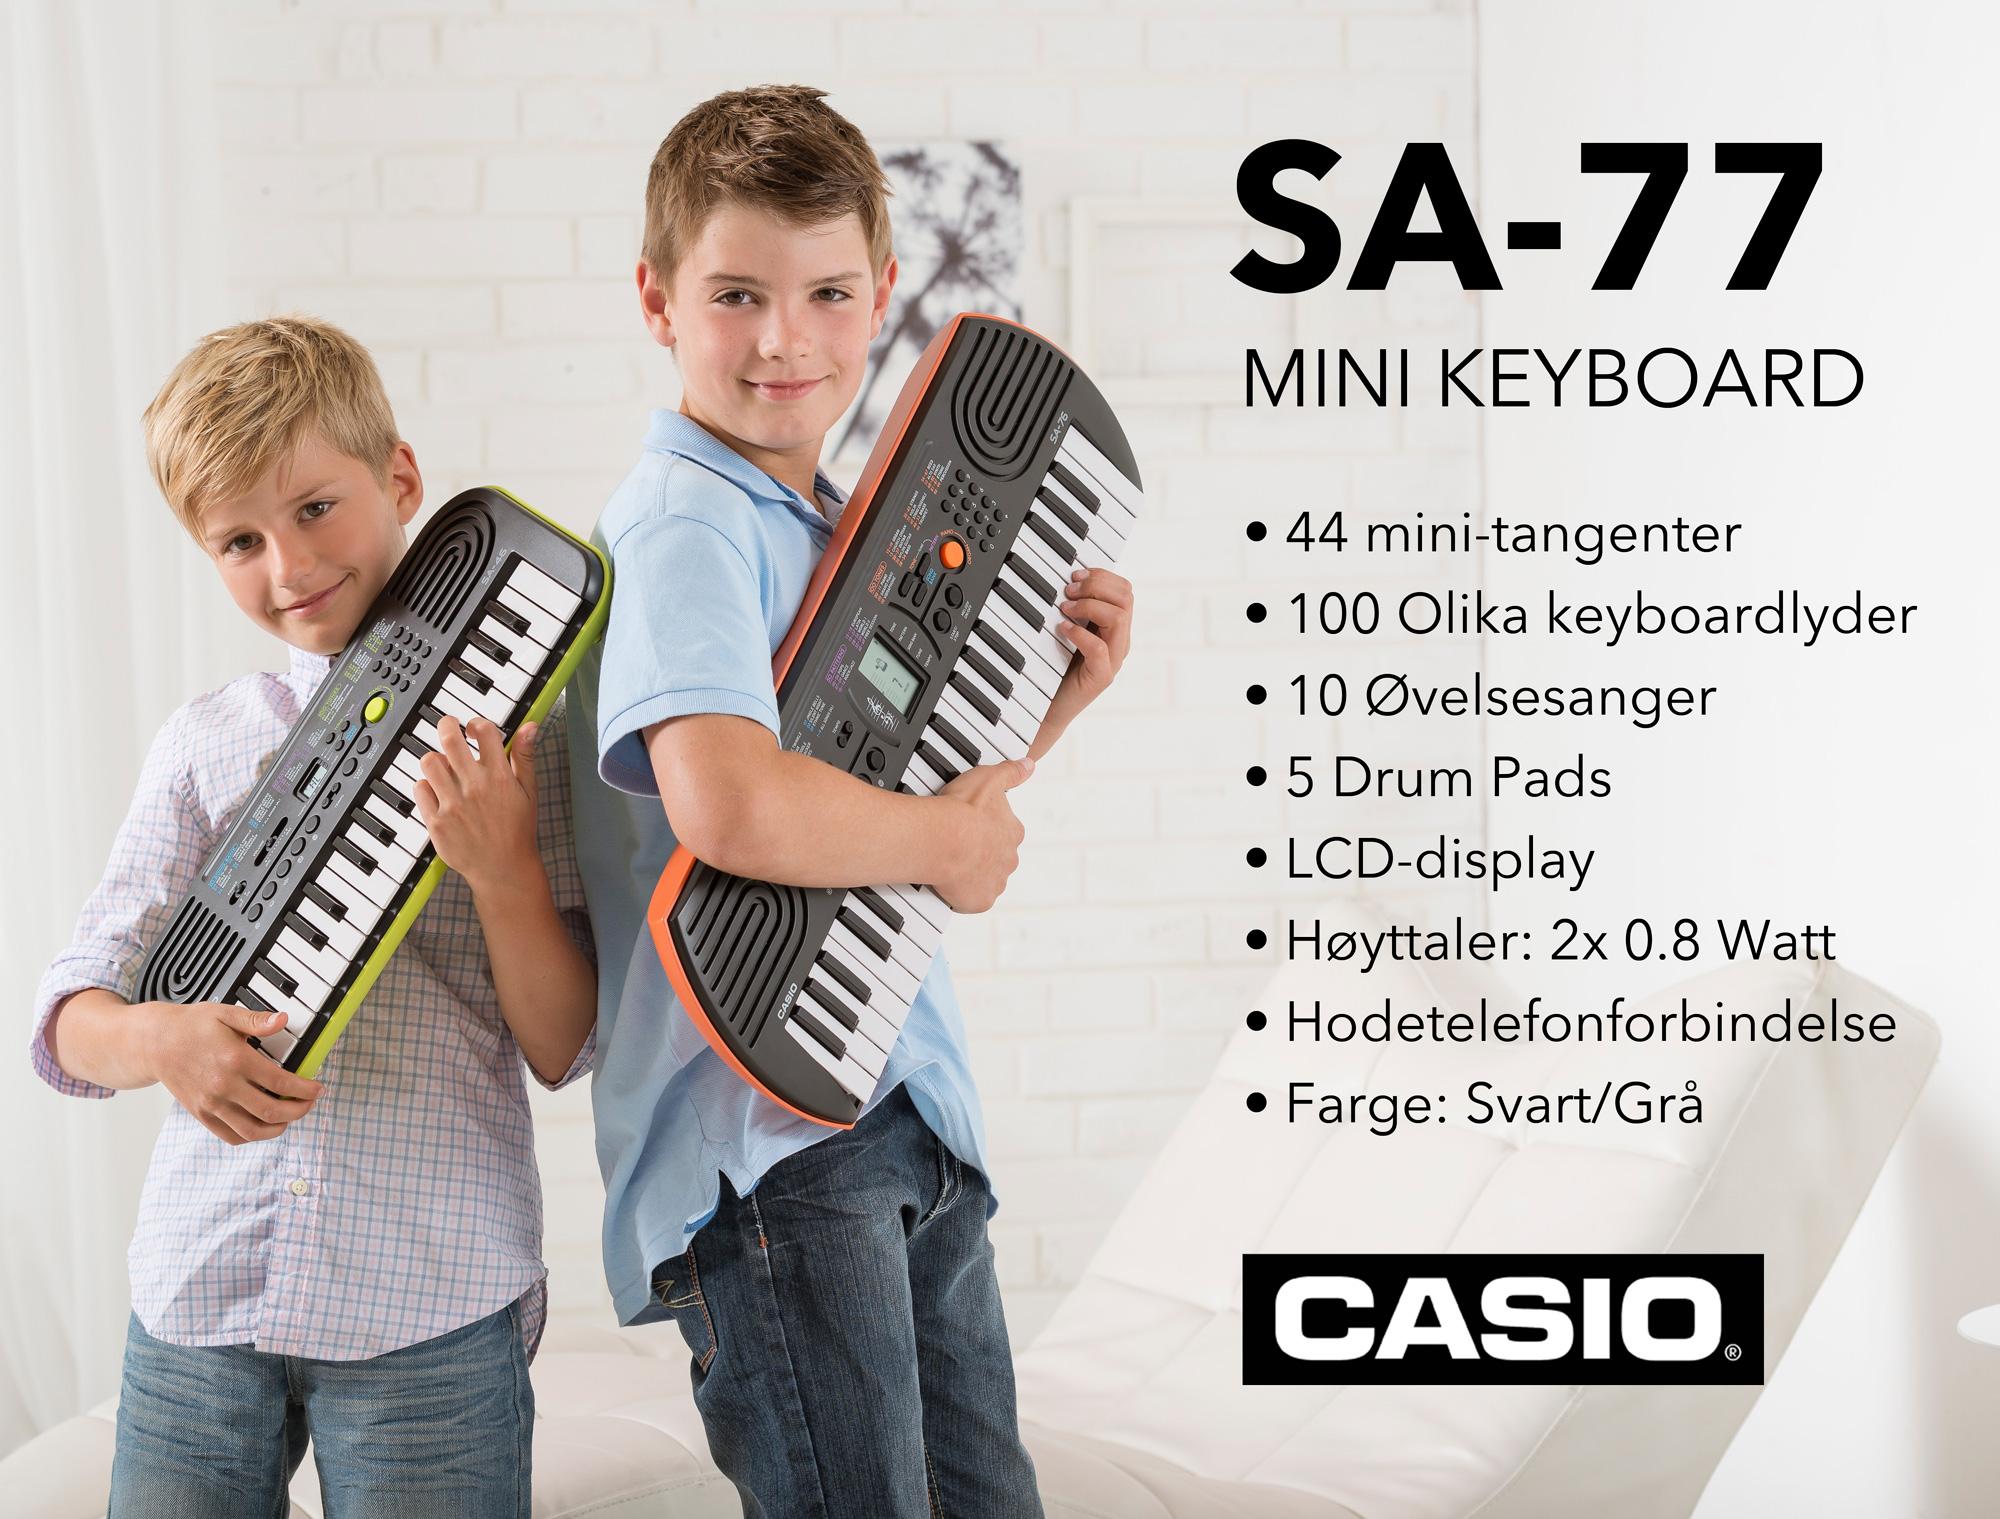 Casio SA-77 Keyboard